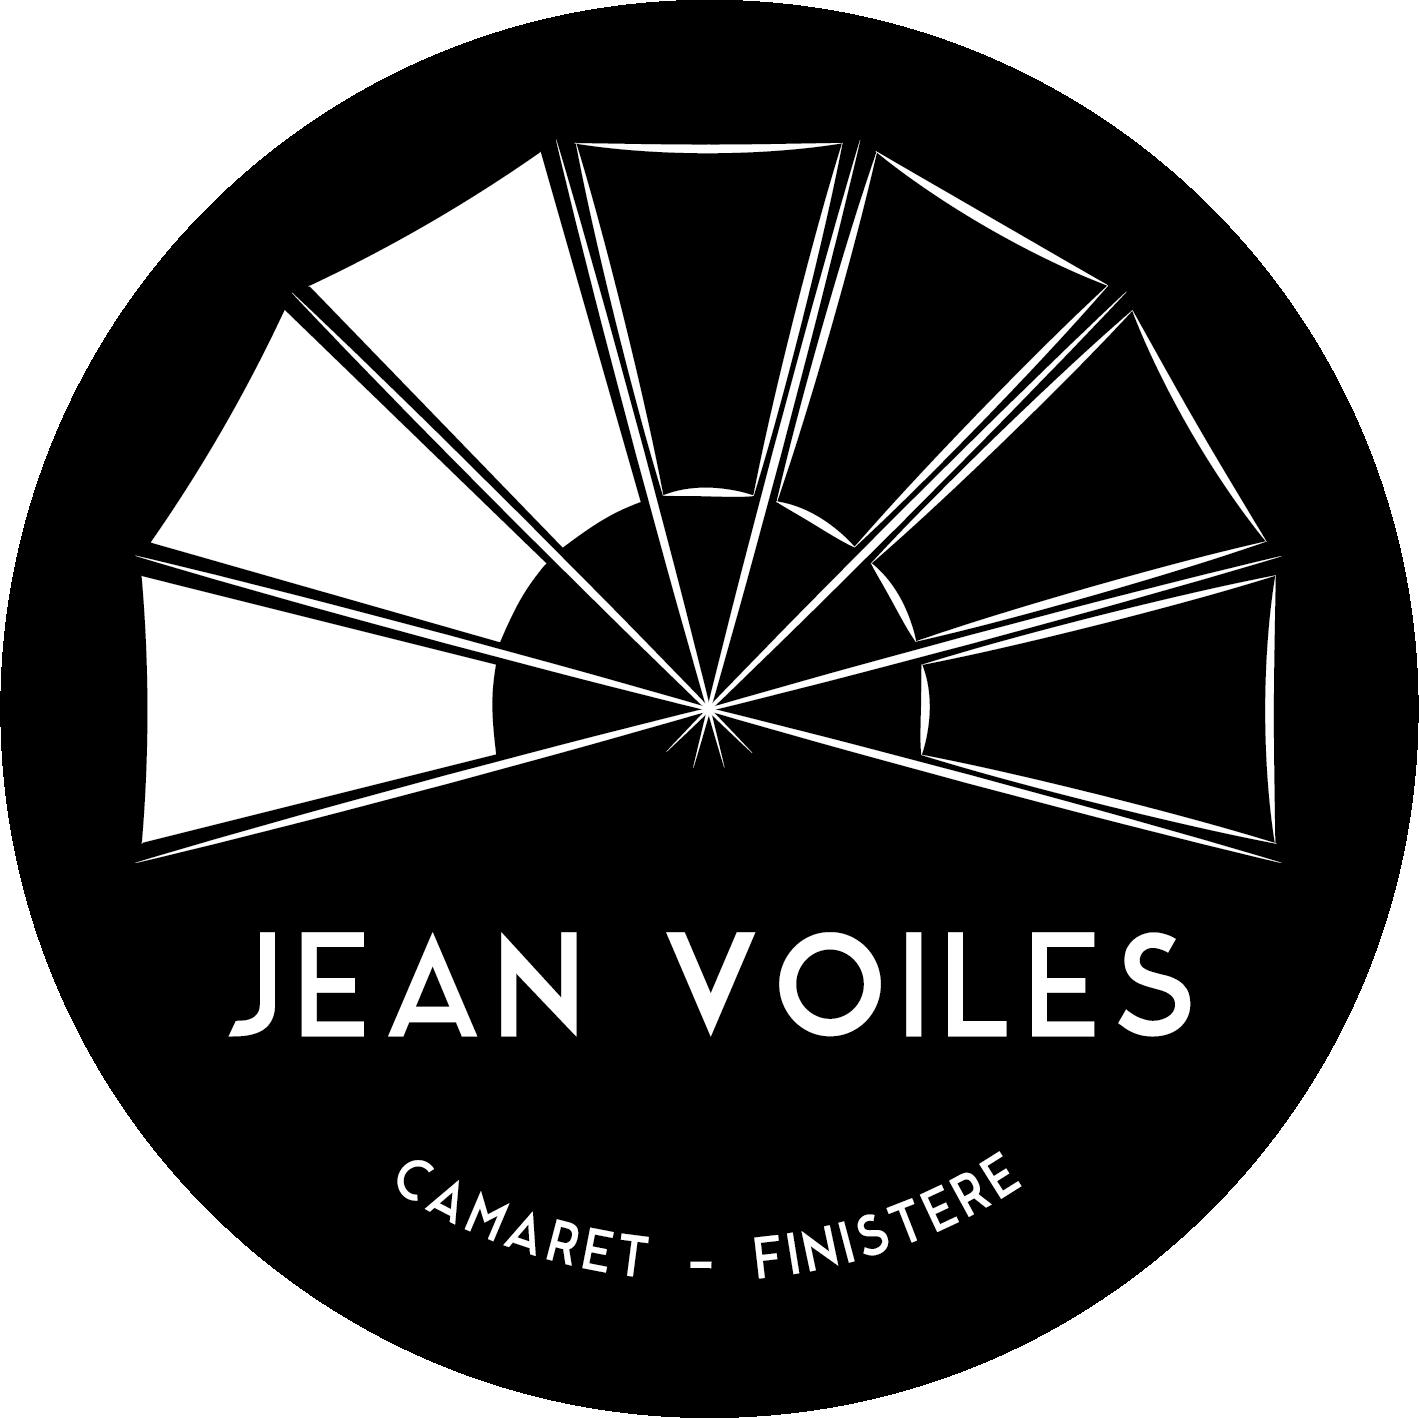 Maître voilier et gréeur à Camaret, Finistère